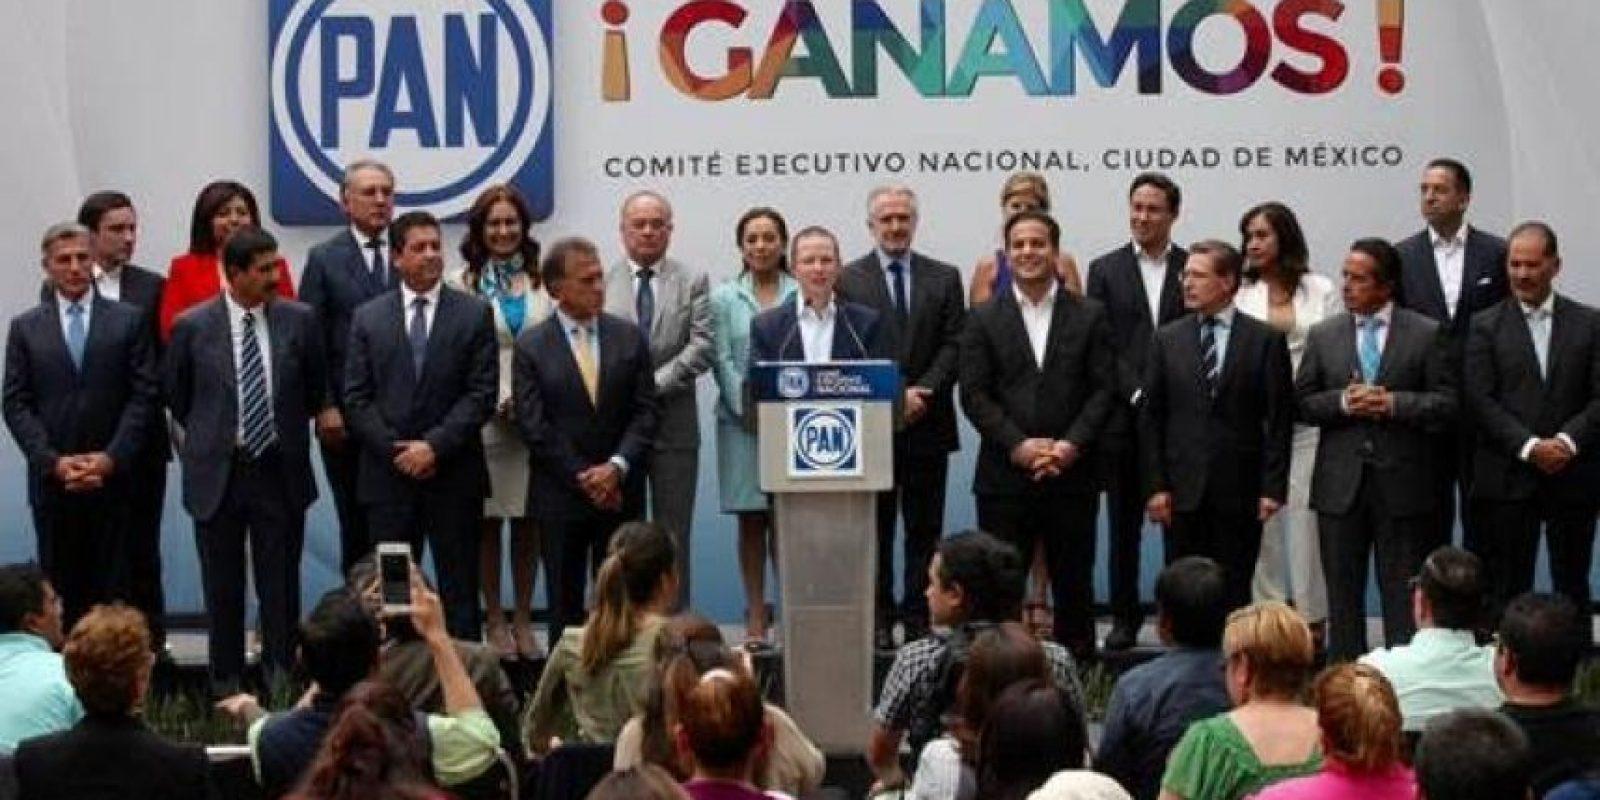 Transparencia, combate a la corrupción, humanismo y respeto a los derechos humanos entre los compromisos. Foto:Cortesía